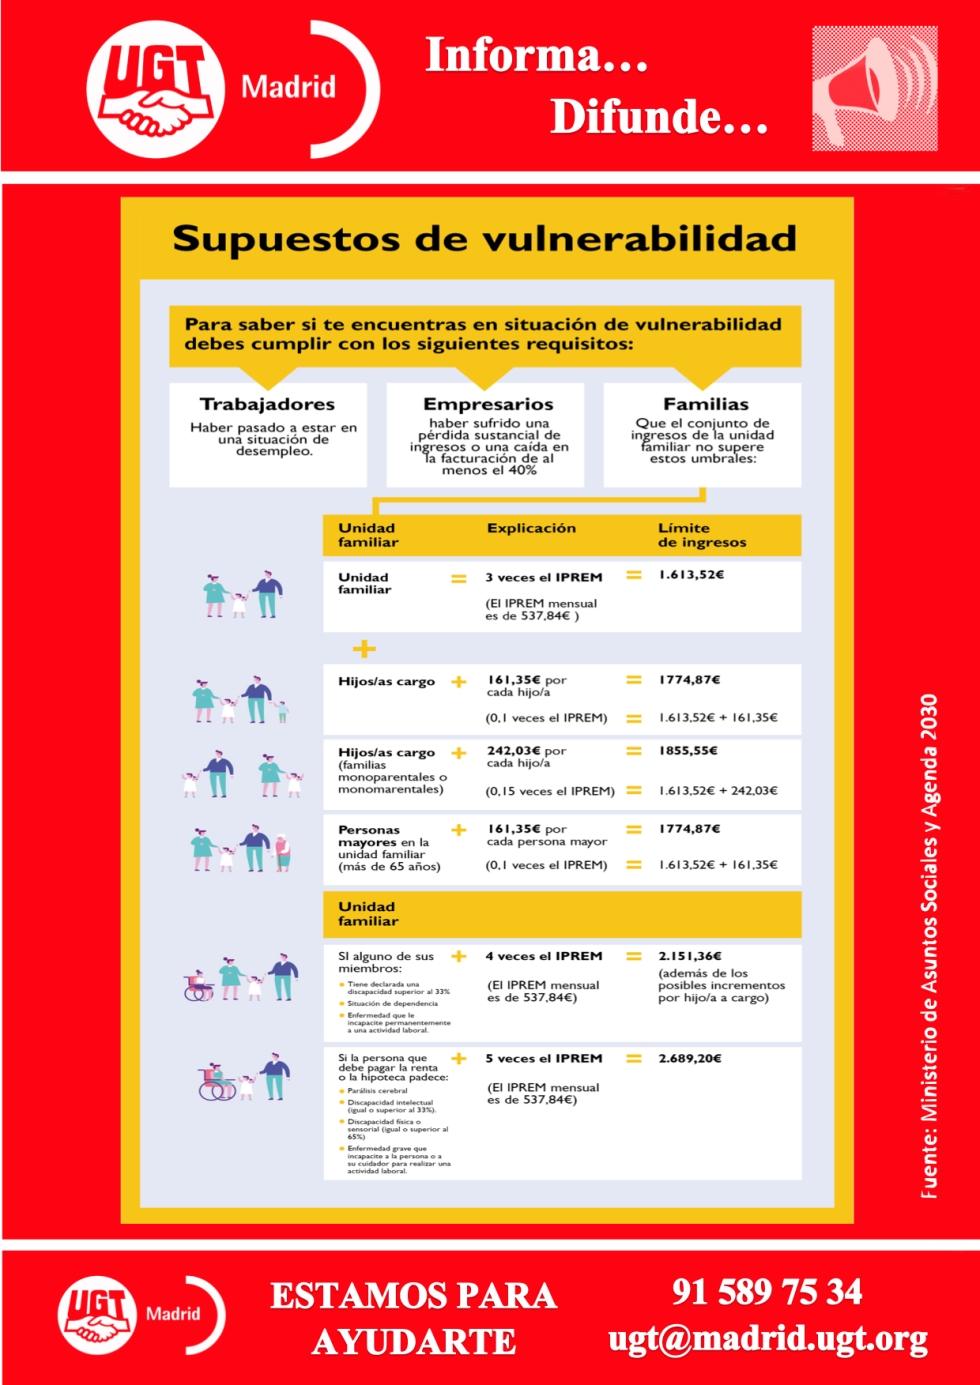 Supuestos de vulnerabilidad